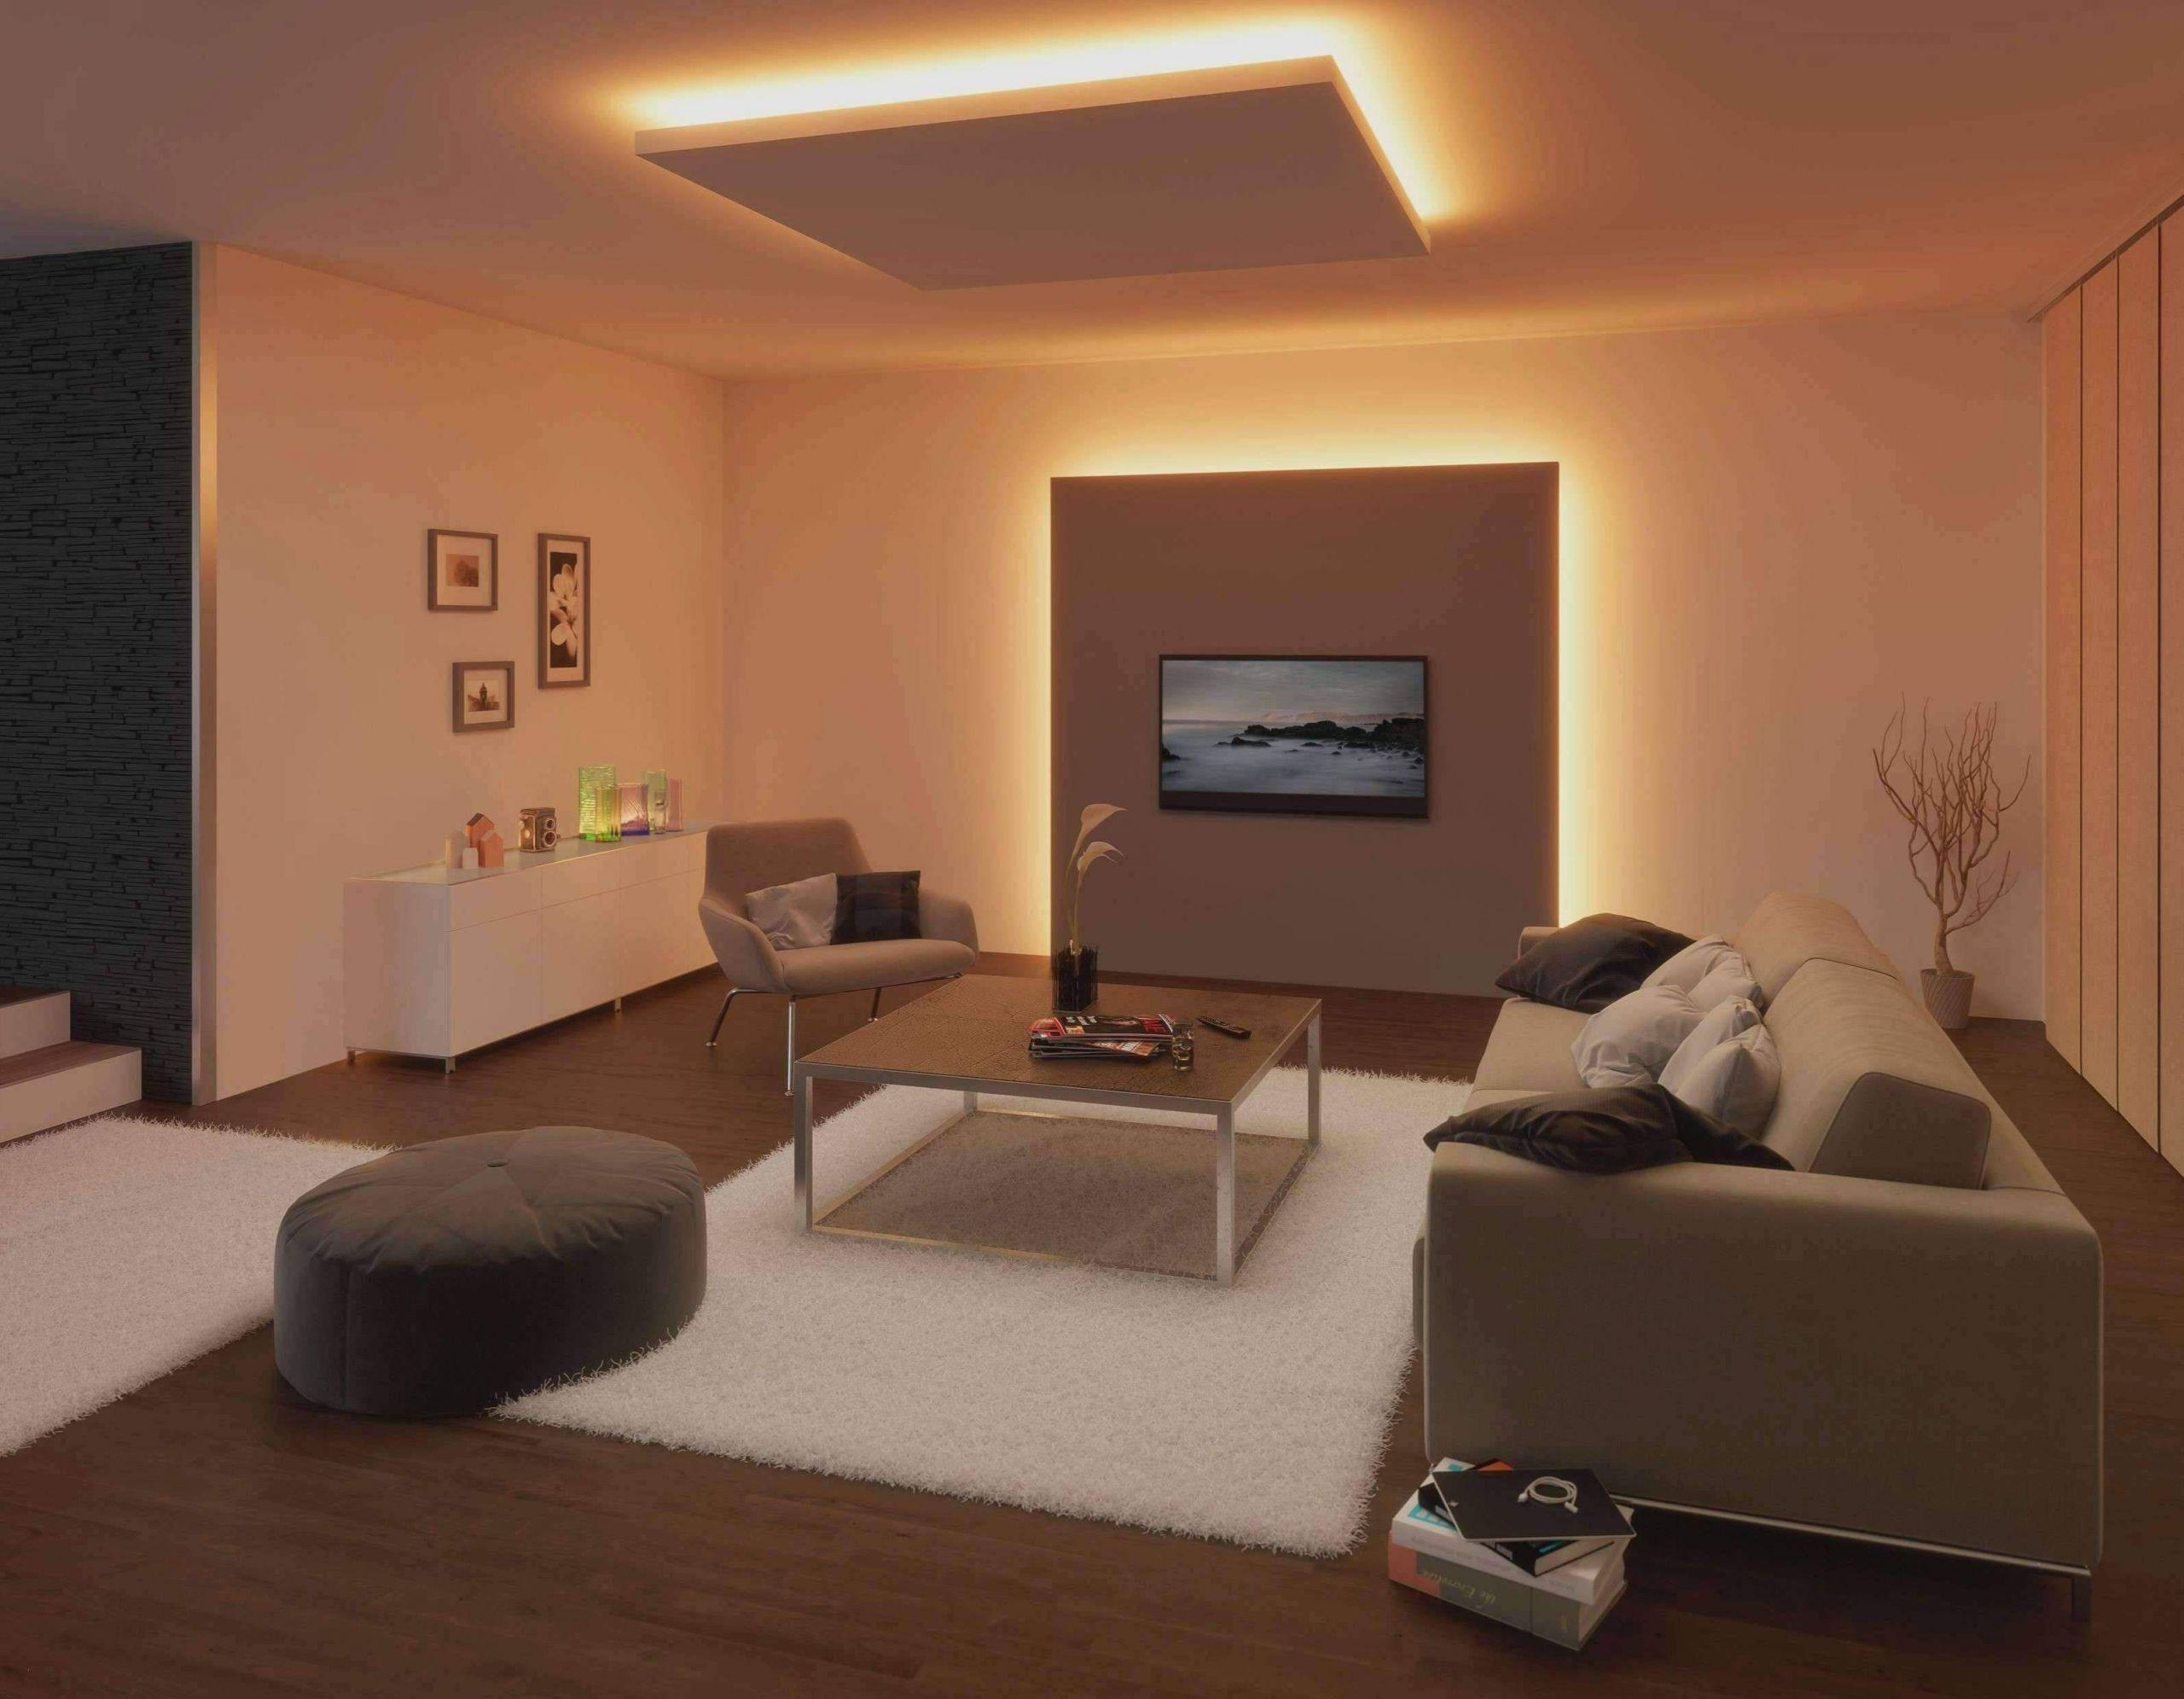 wohnzimmer ideen fur kleine raume genial best deko fur wohnzimmer ecken inspirations of wohnzimmer ideen fur kleine raume scaled